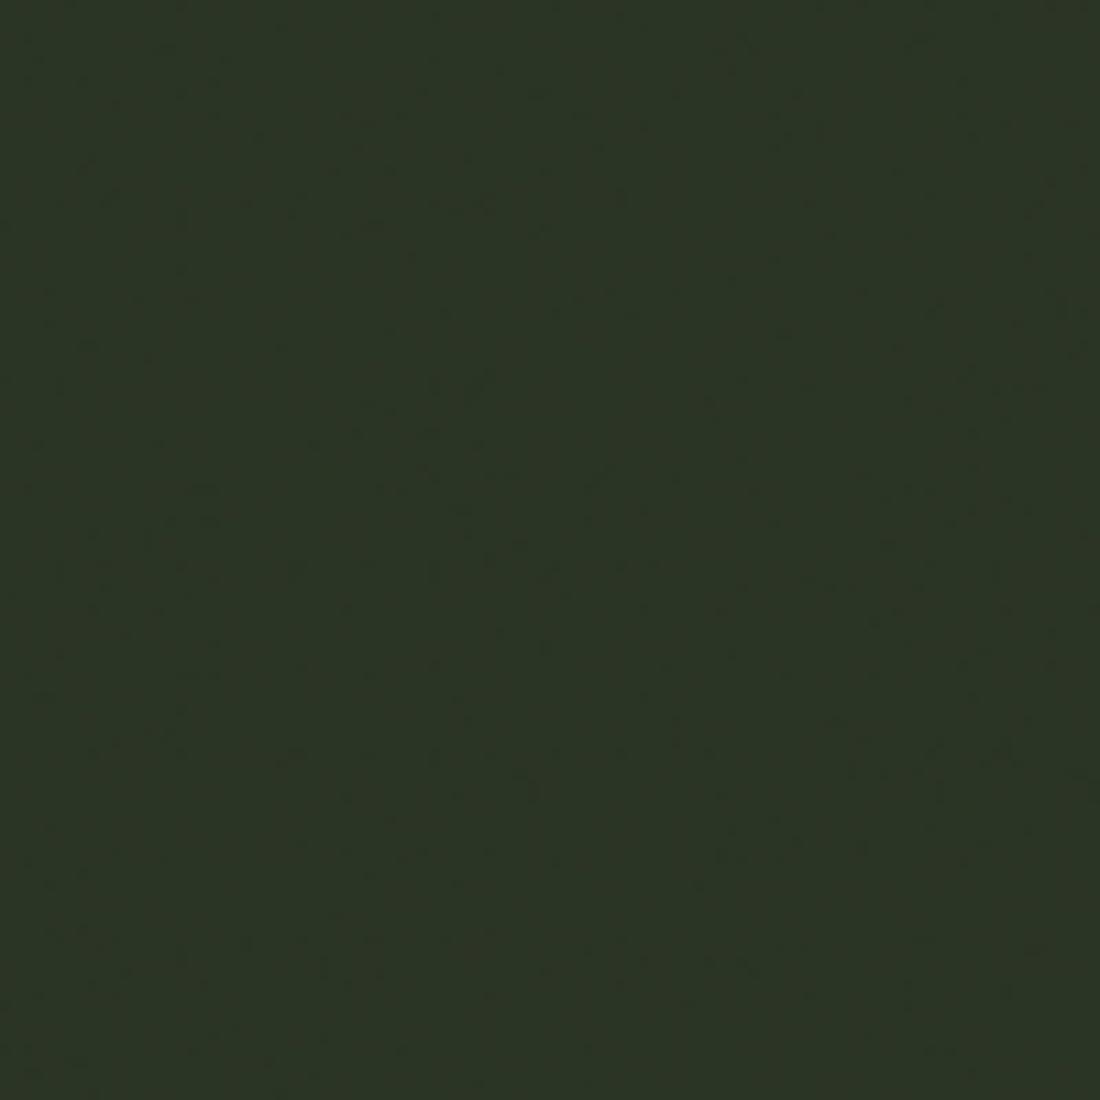 Trespa® Izeon® HPL Plaat EZ Groen RAL6009 Enkelzijdig folie 3050x1530x6mm